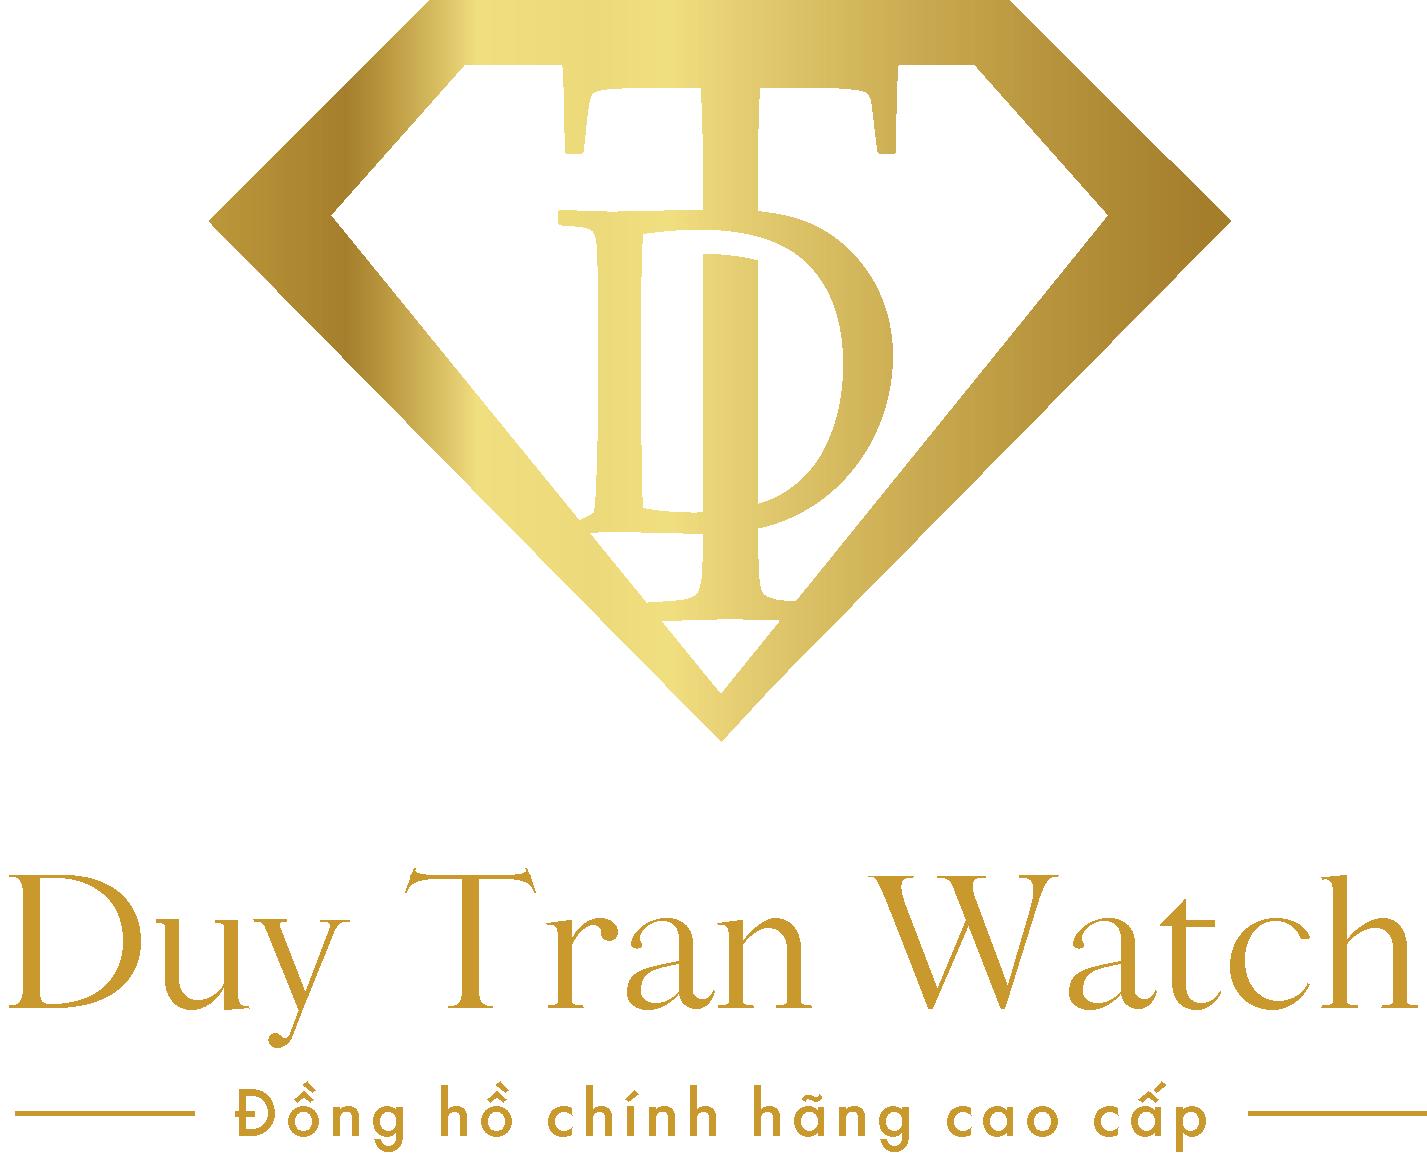 Duy Trần Watch